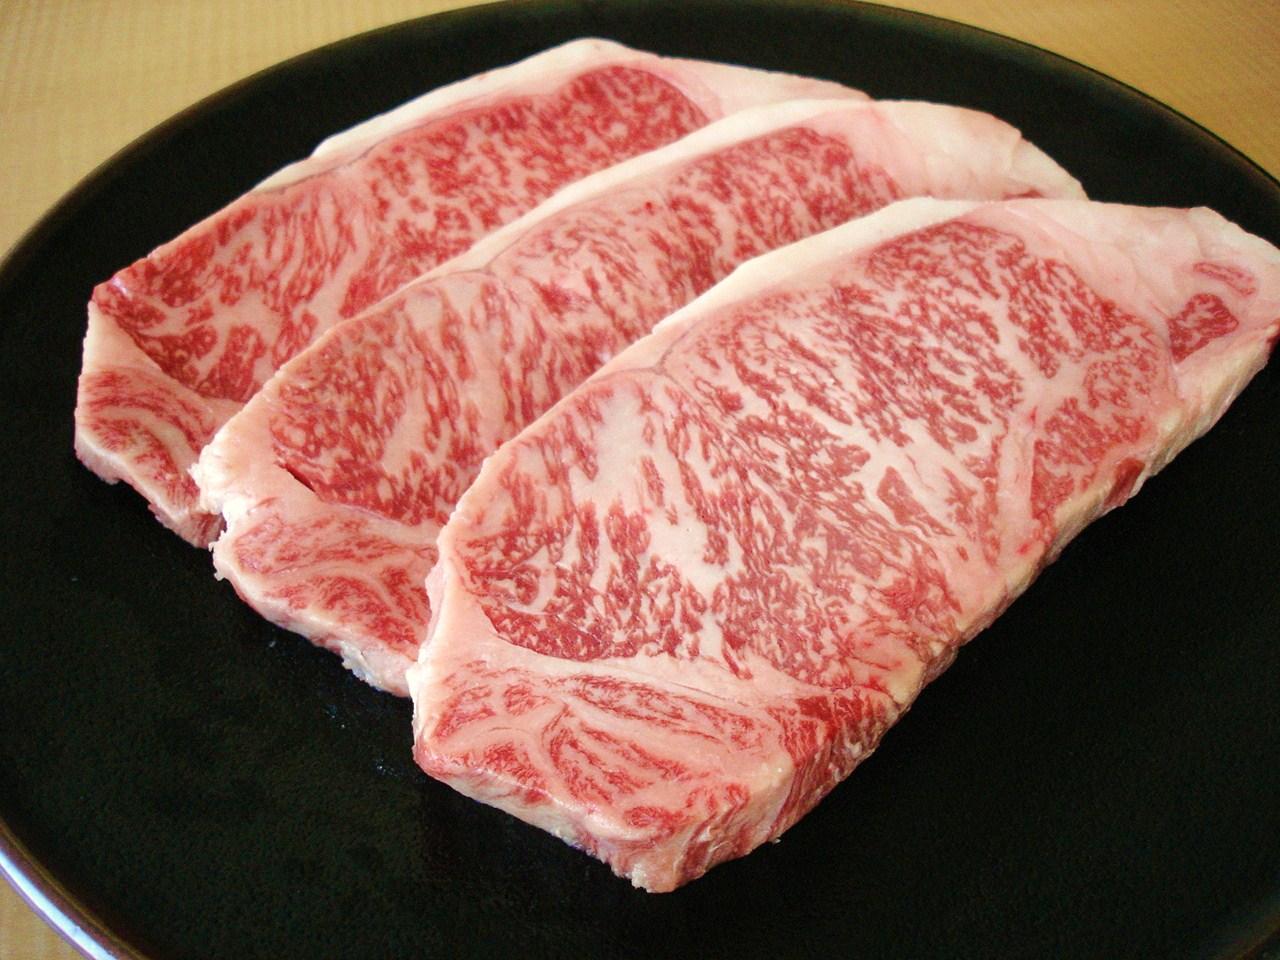 【送料無料】岩手県産黒毛和牛サーロインステーキ用200g3枚